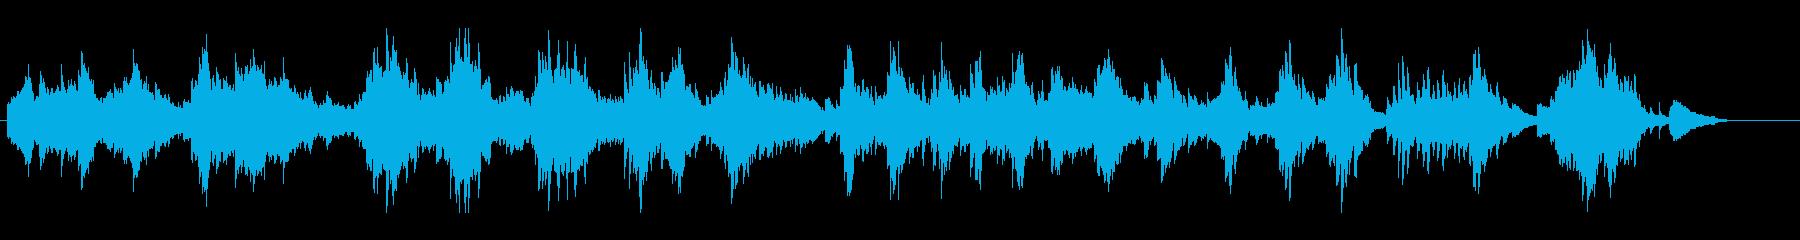 感情的なソロアコースティックピアノ...の再生済みの波形